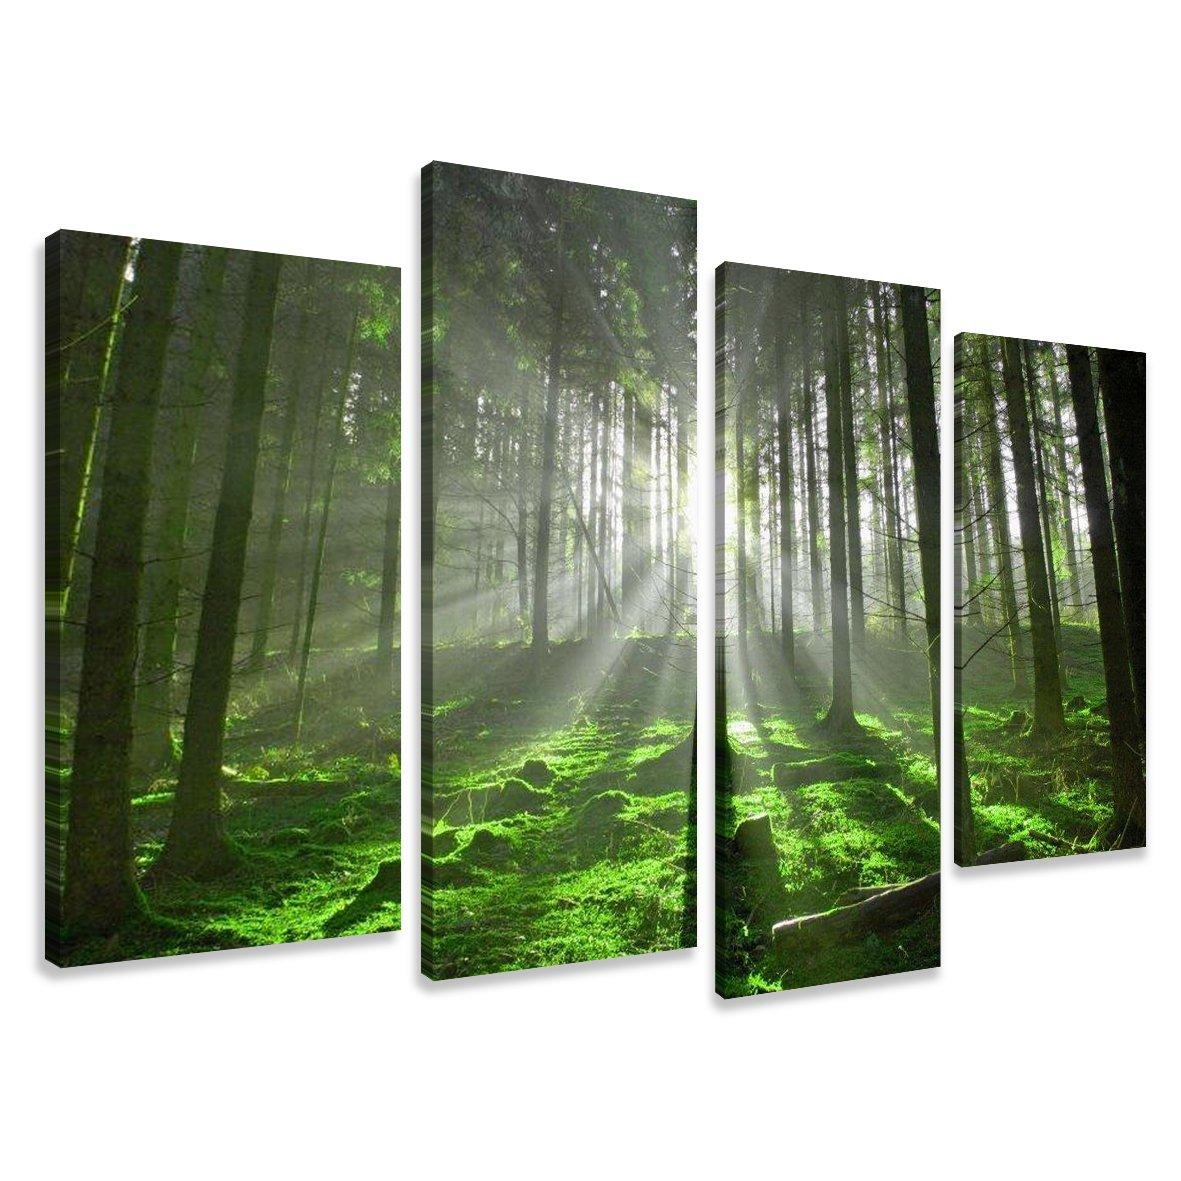 Cuadros en Lienzo naturaleza 130 x 80 cm modelo Nr. 6130 XXL Las imágenes estan listas, enmarcadas en marcos de Madera auténtica. El diseño de la impresión artística como un Mural enmarcado.  Electrónica revisión y más noticias